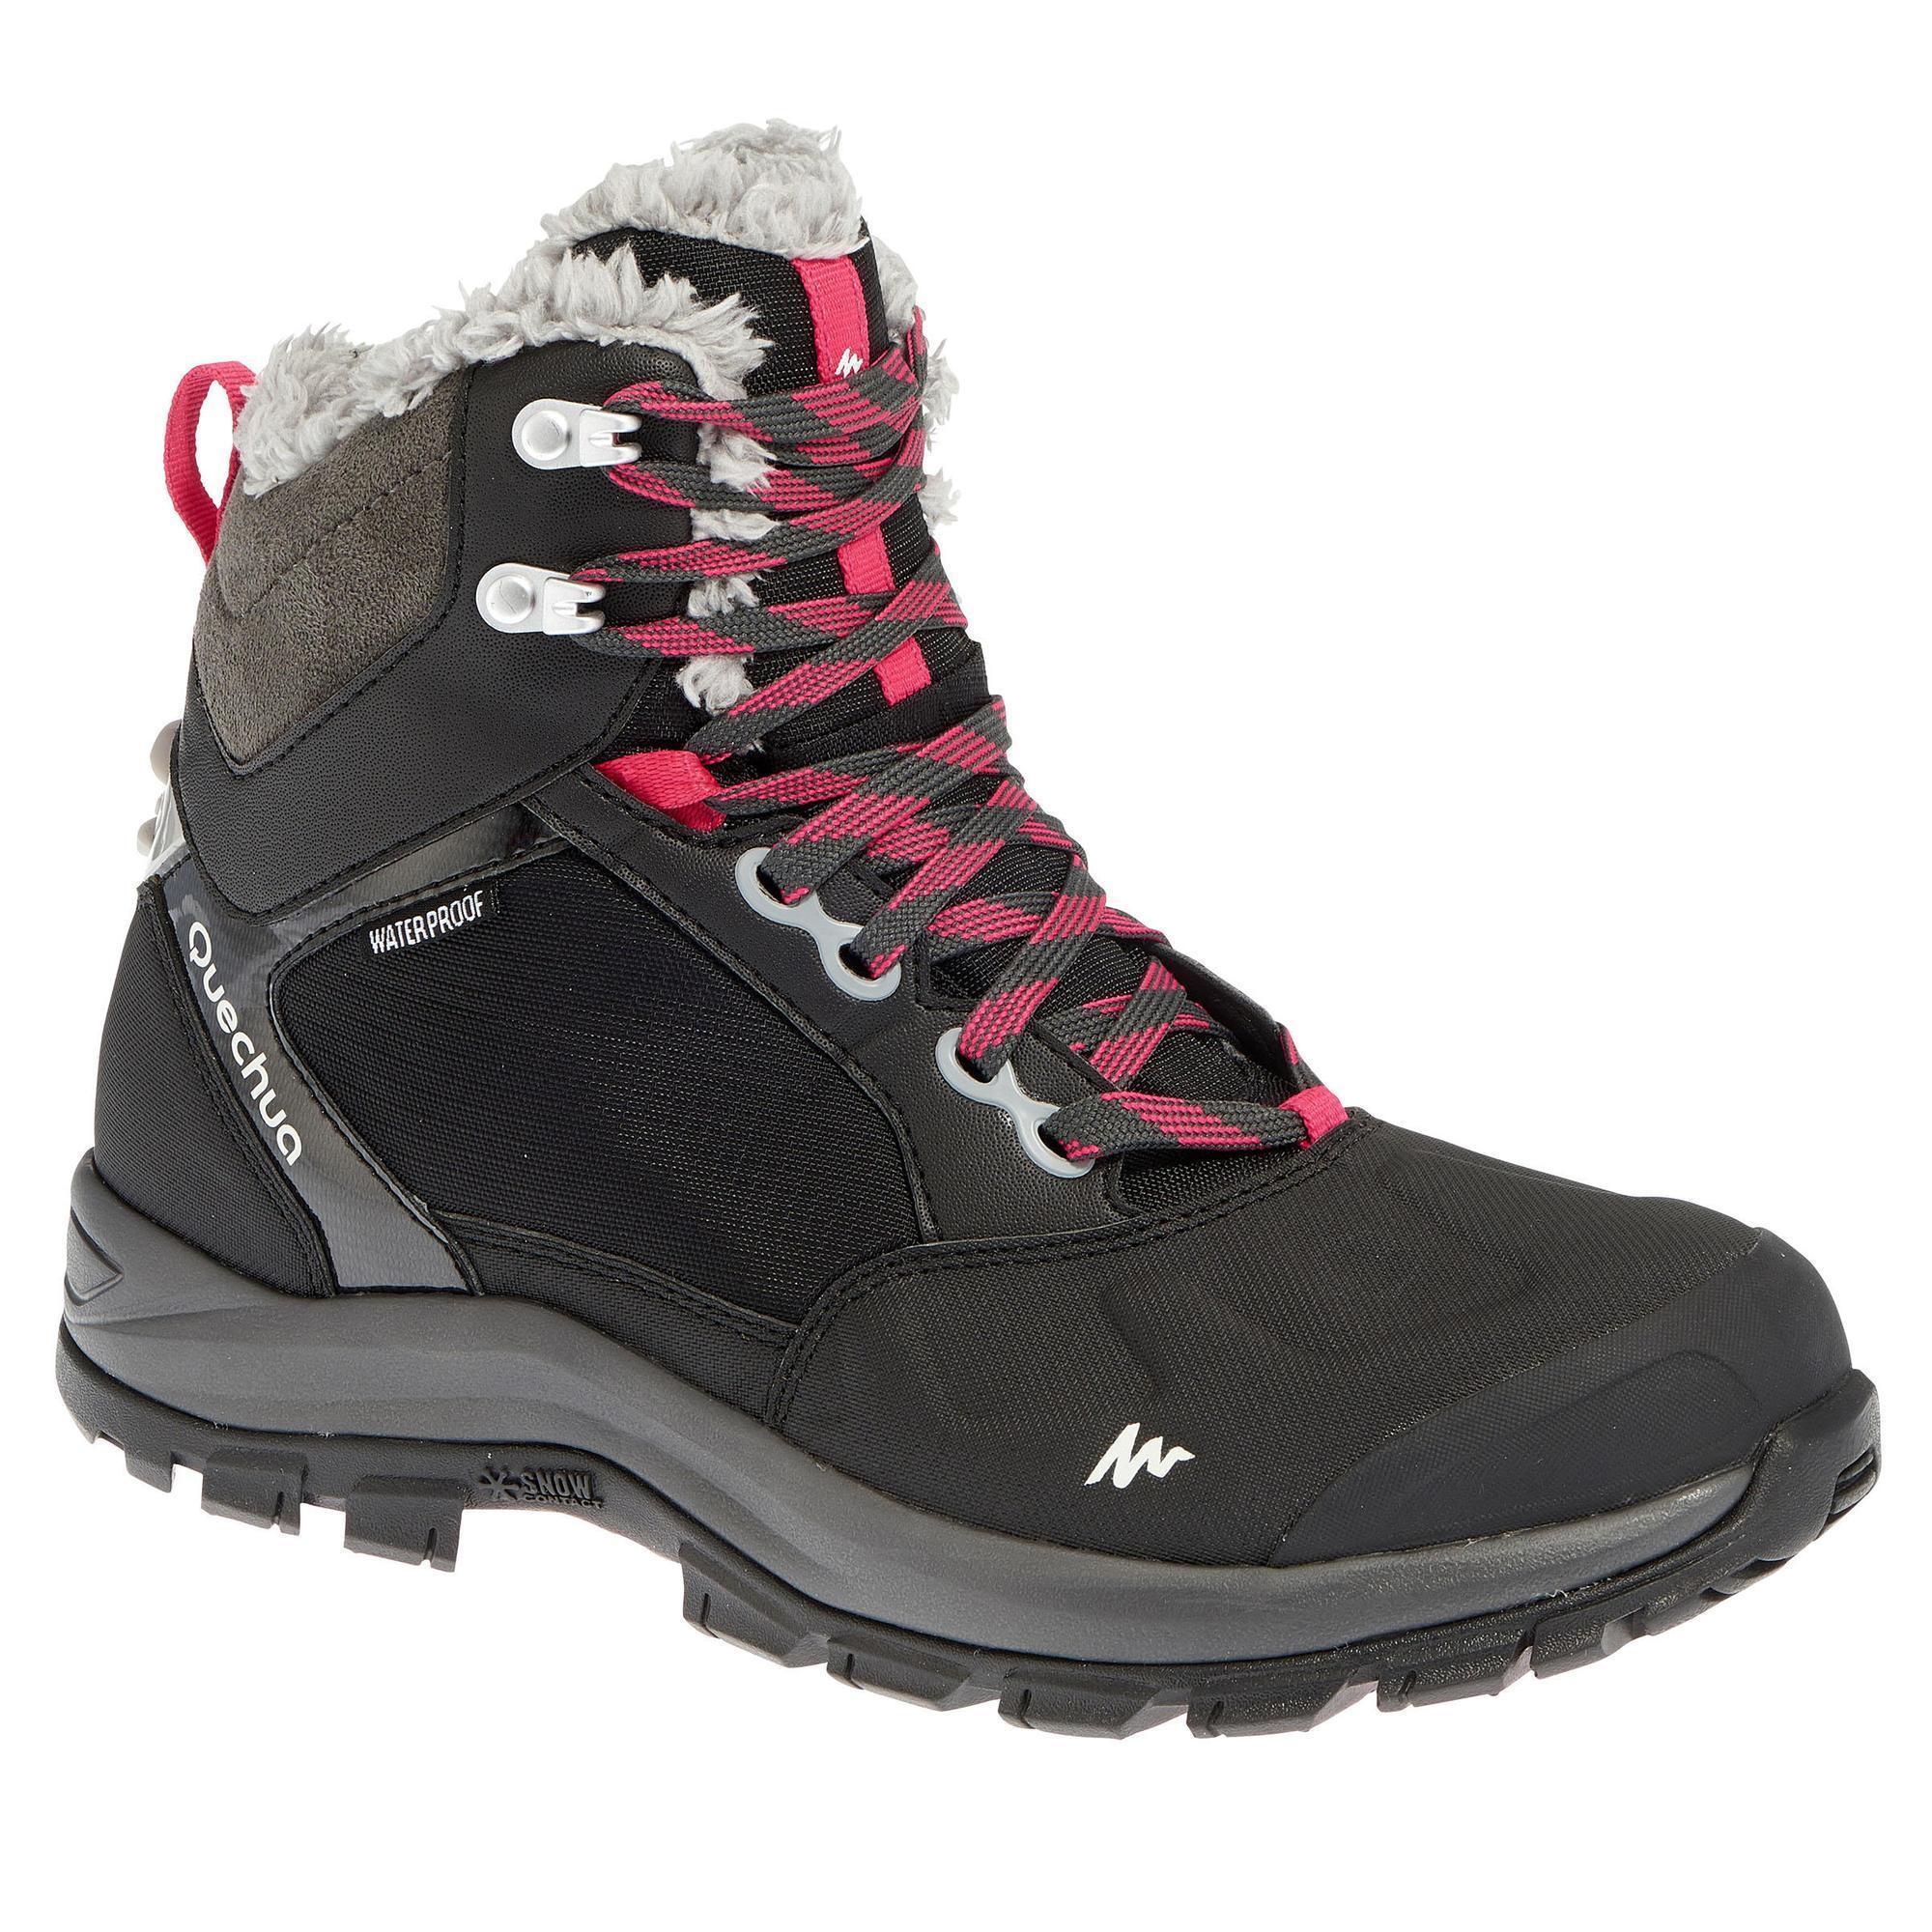 chaussures de randonn e neige femme sh500 active chaudes et imperm ables noir quechua. Black Bedroom Furniture Sets. Home Design Ideas